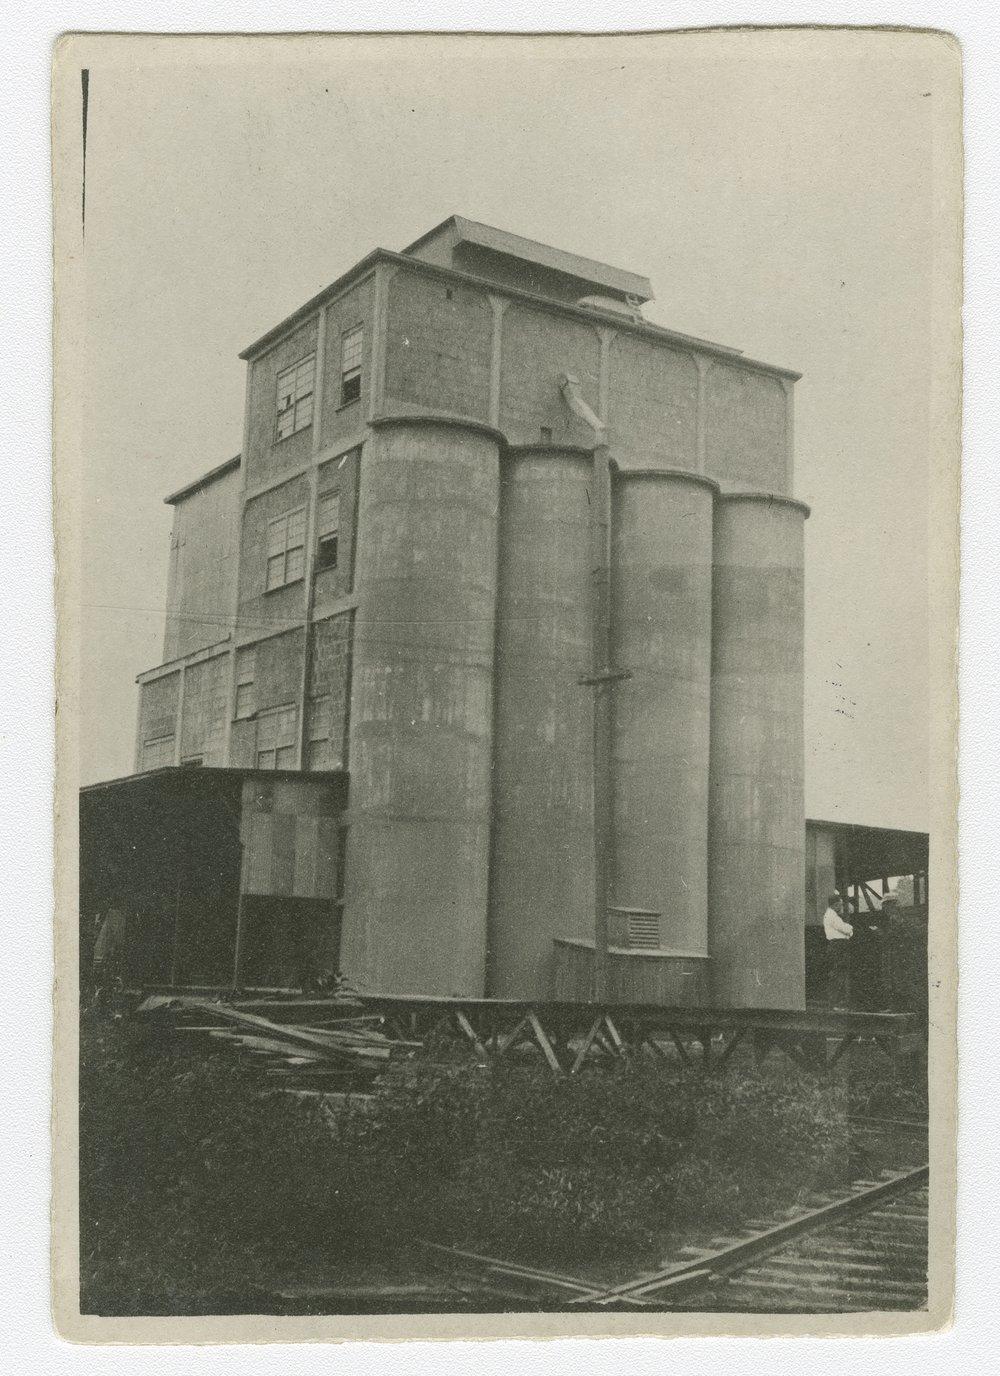 Southhard Feed Mill, Kansas City, Kansas - 1